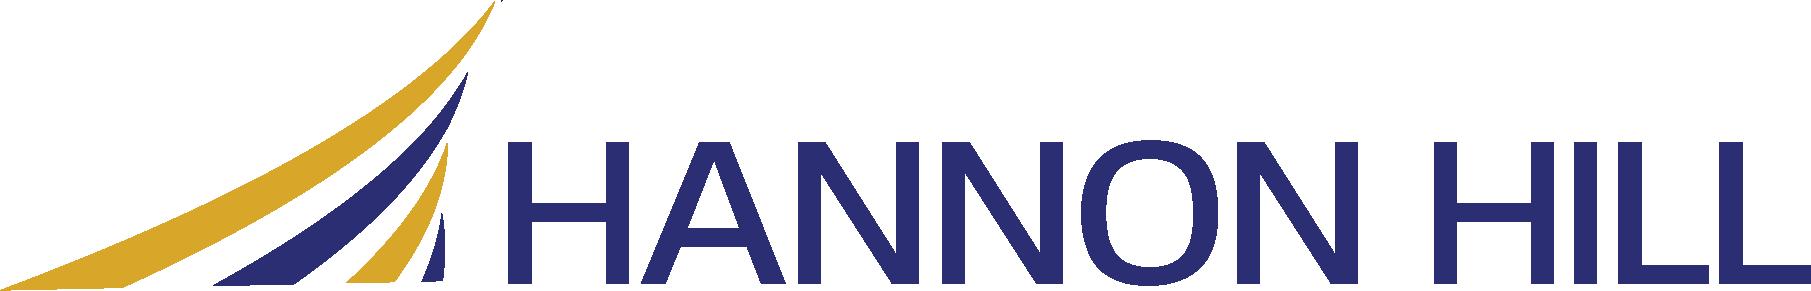 Hannon Hill Logo Color Version